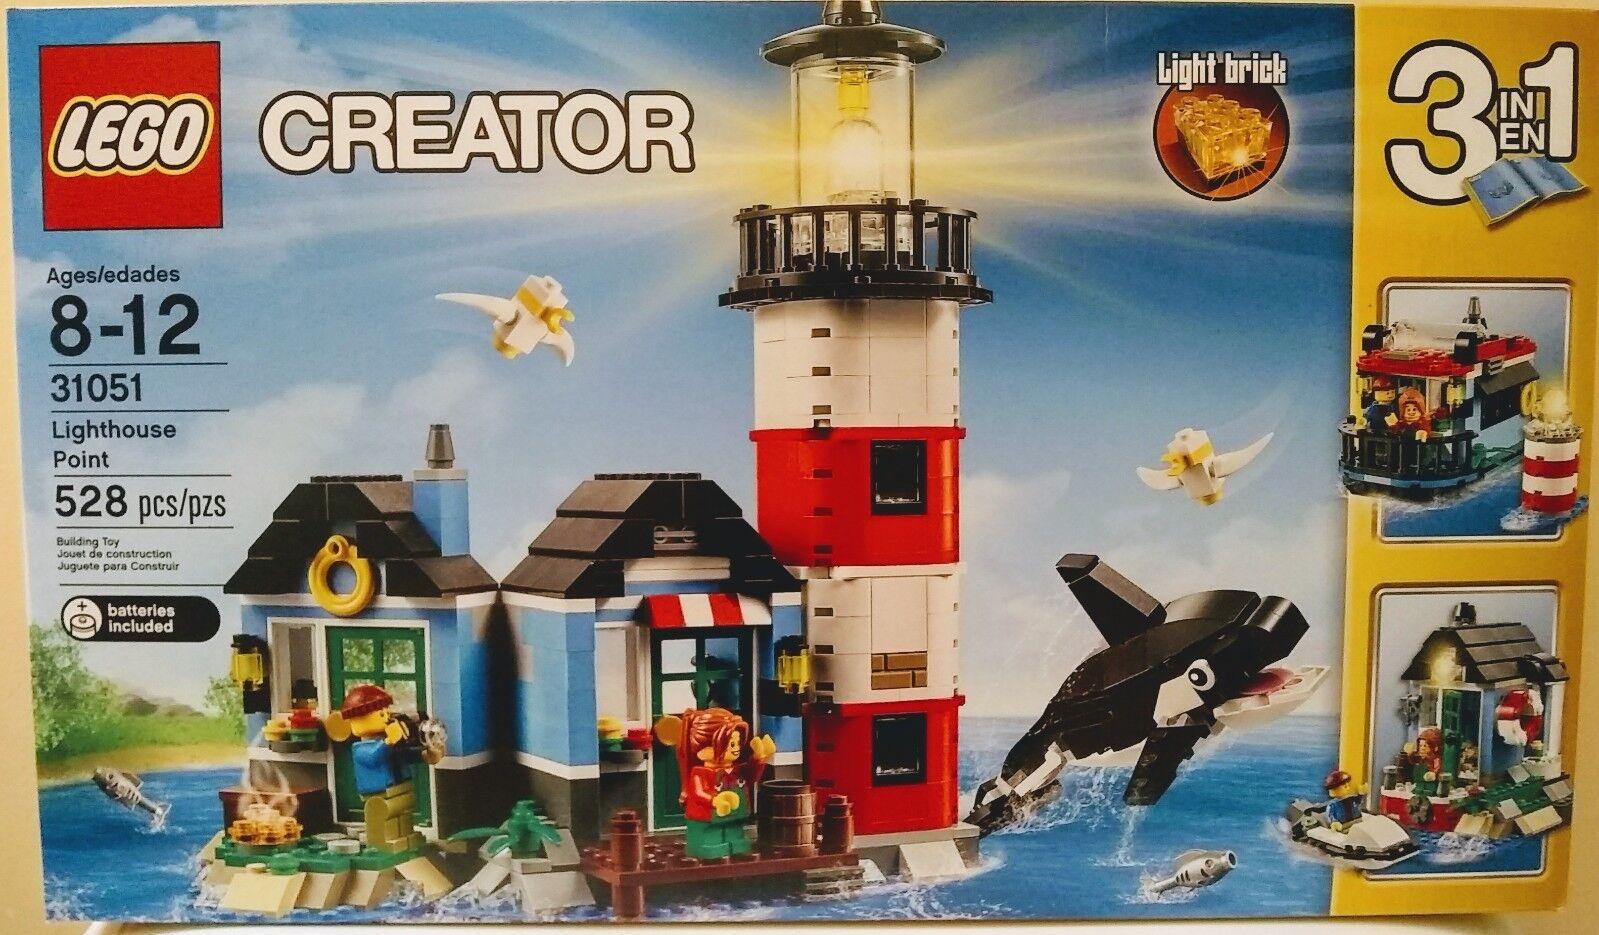 outlet online LEGO Creator 3-in-1 Lighthouse Point (31051) - Bre Bre Bre nuovo   vendendo bene in tutto il mondo